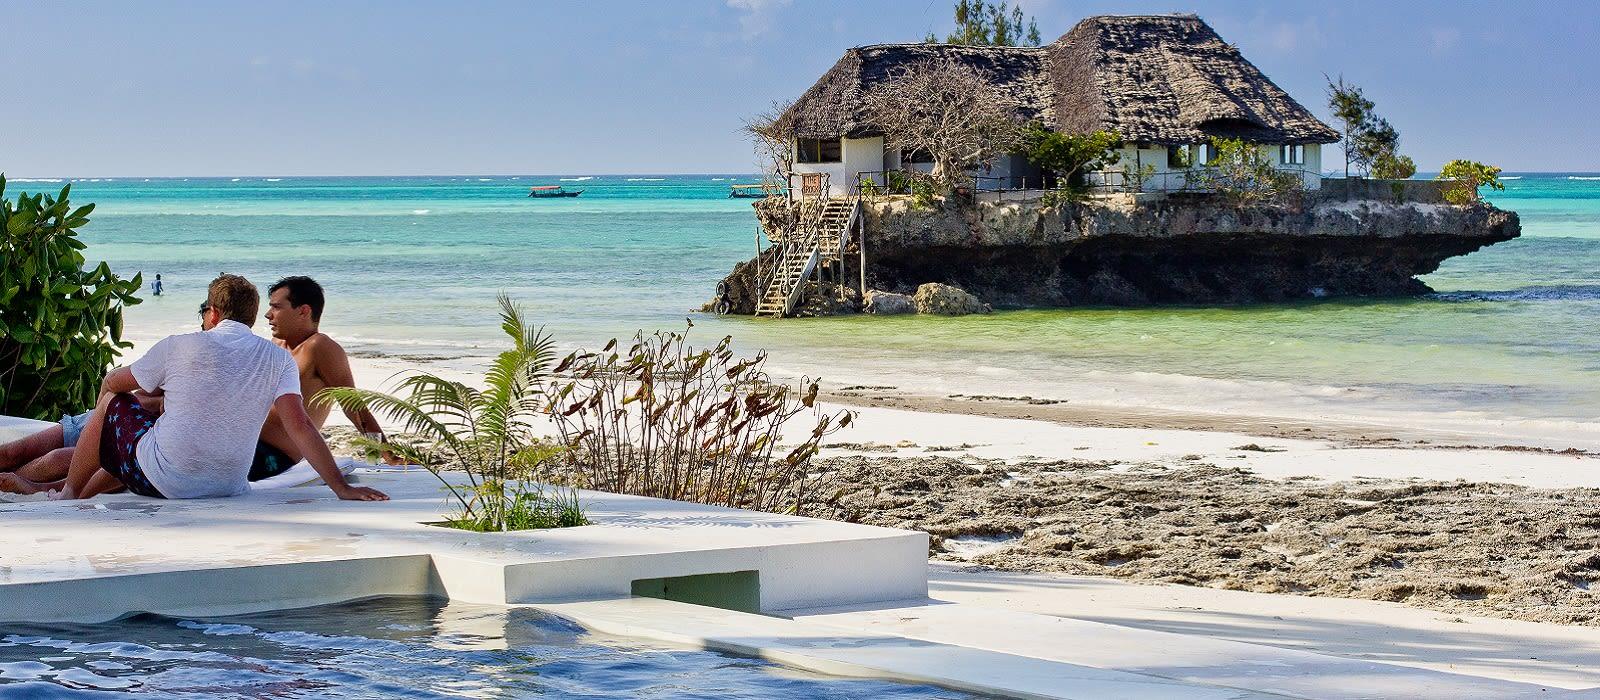 Hotel Upendo Zanzibar Tanzania